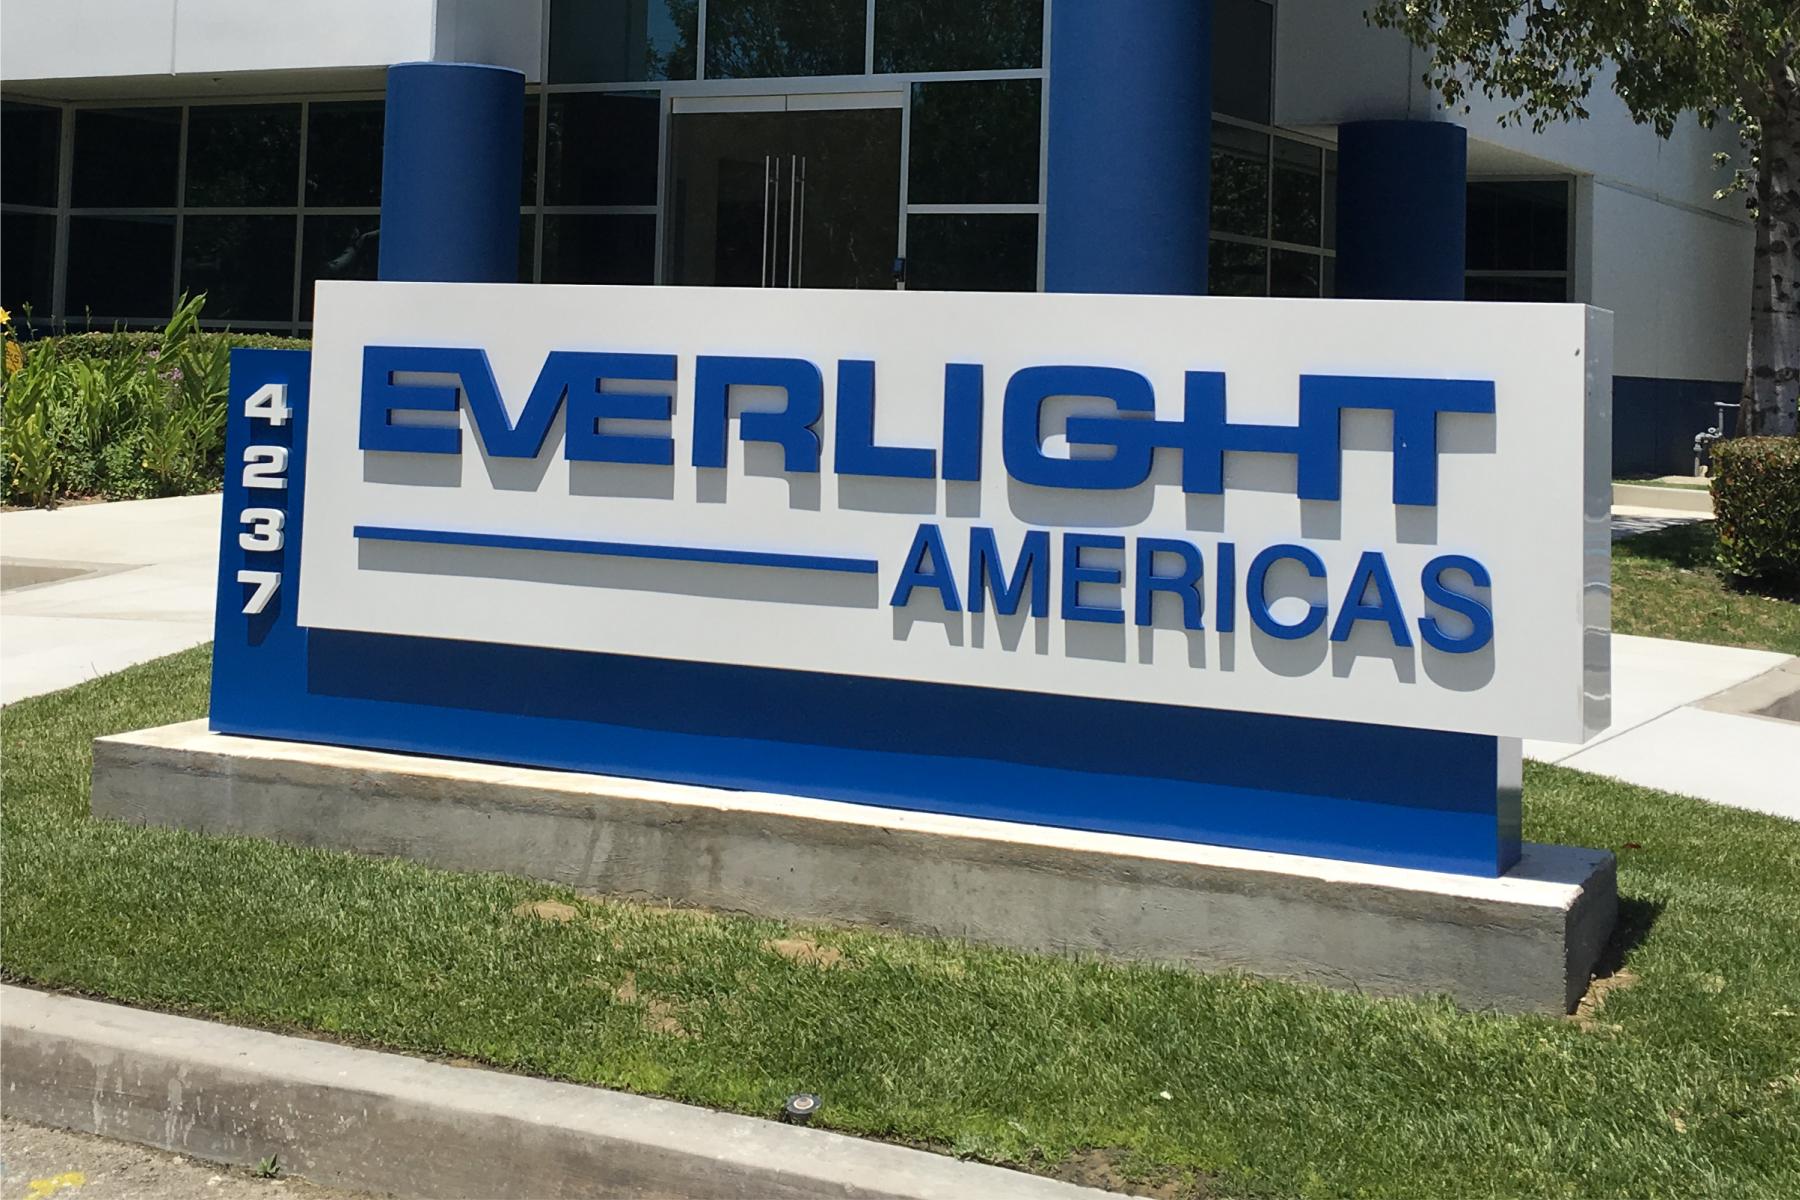 Everlight Americas